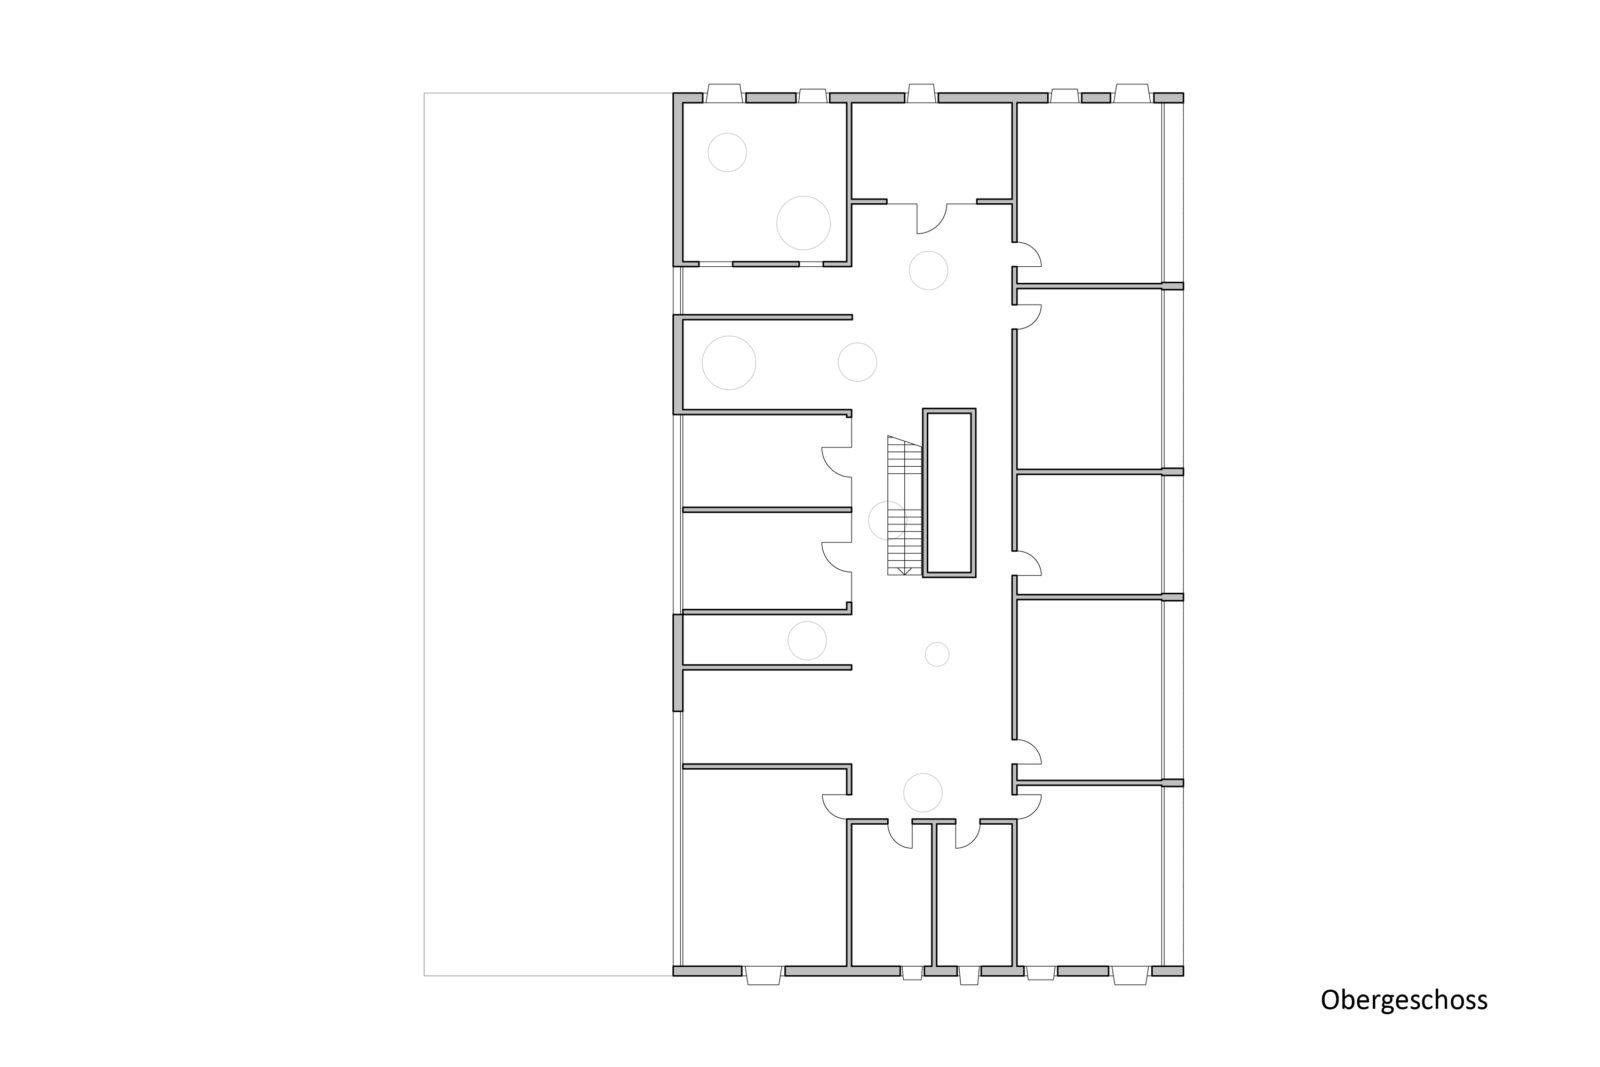 Wettbewerb Kinderhaus Struppen - Obergeschoss